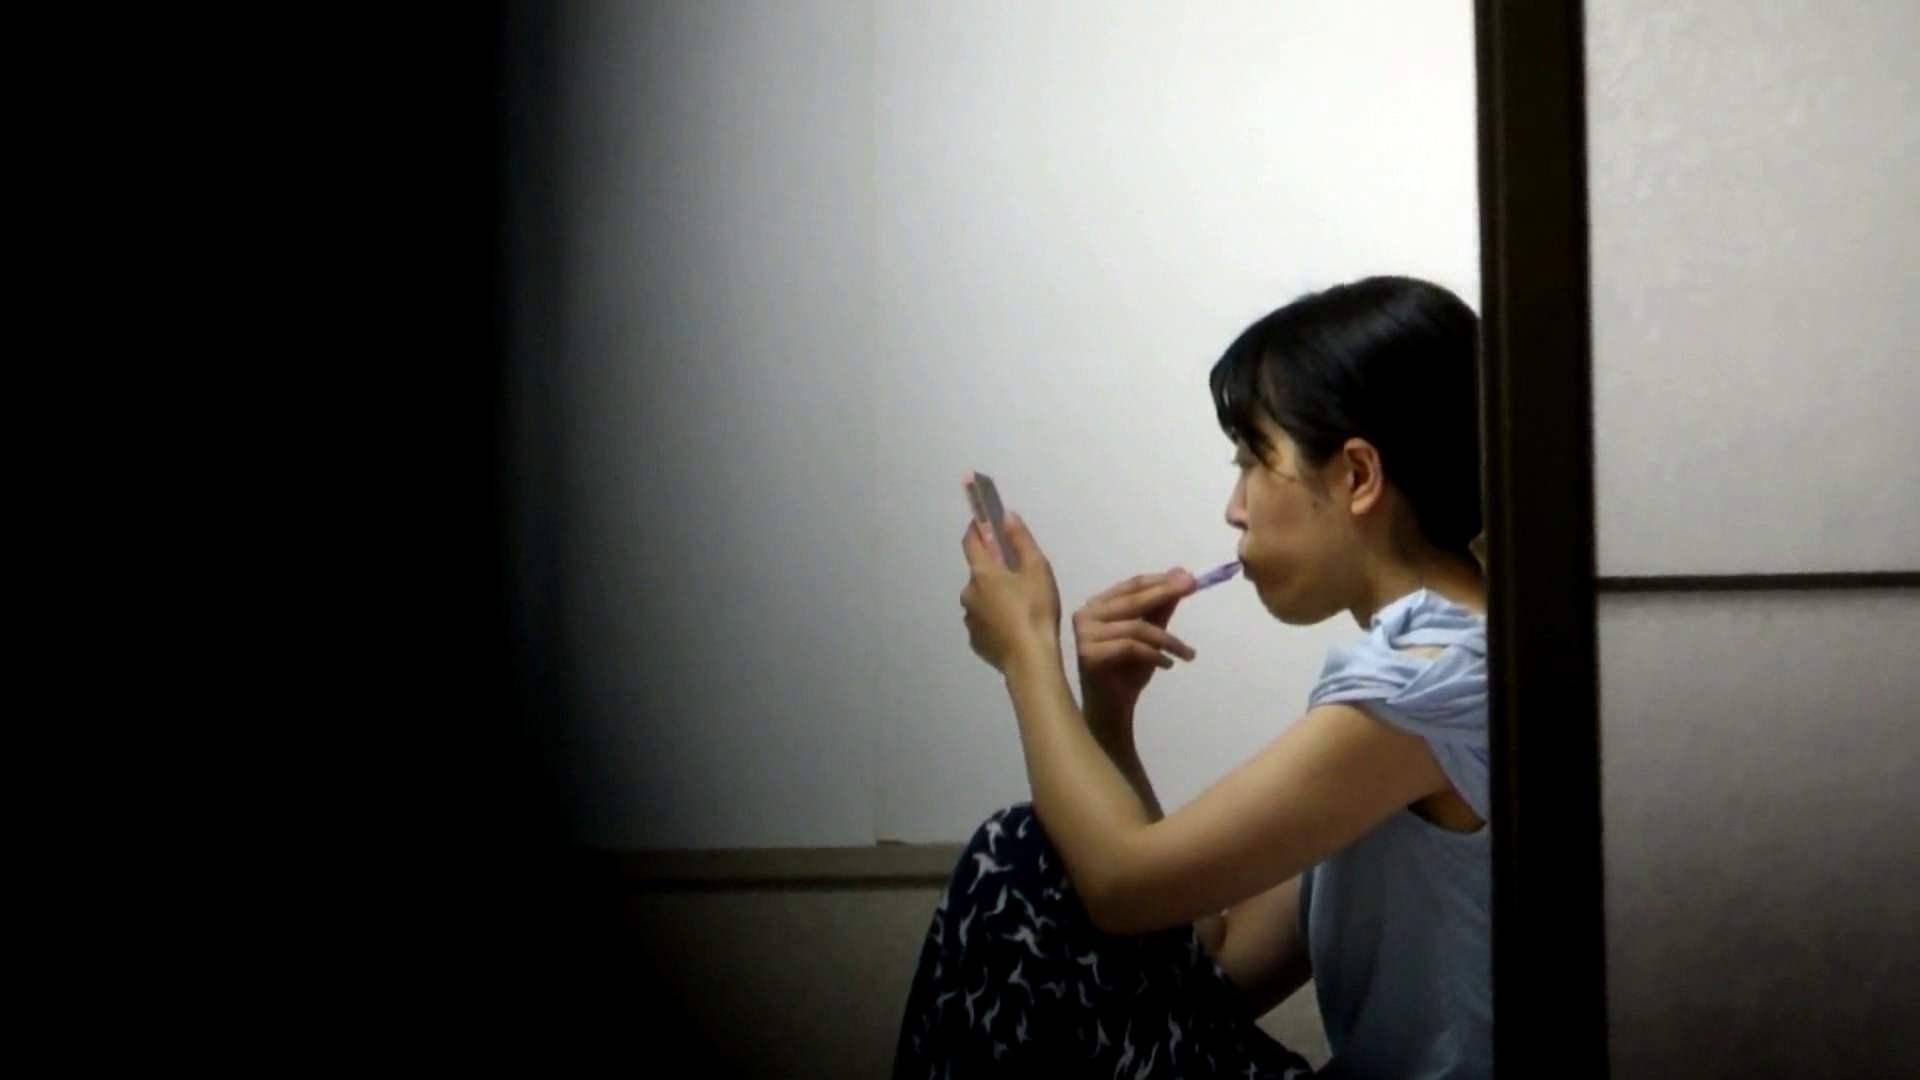 リアル盗撮 清楚なお女市さんのマル秘私生活② 美女  81pic 26